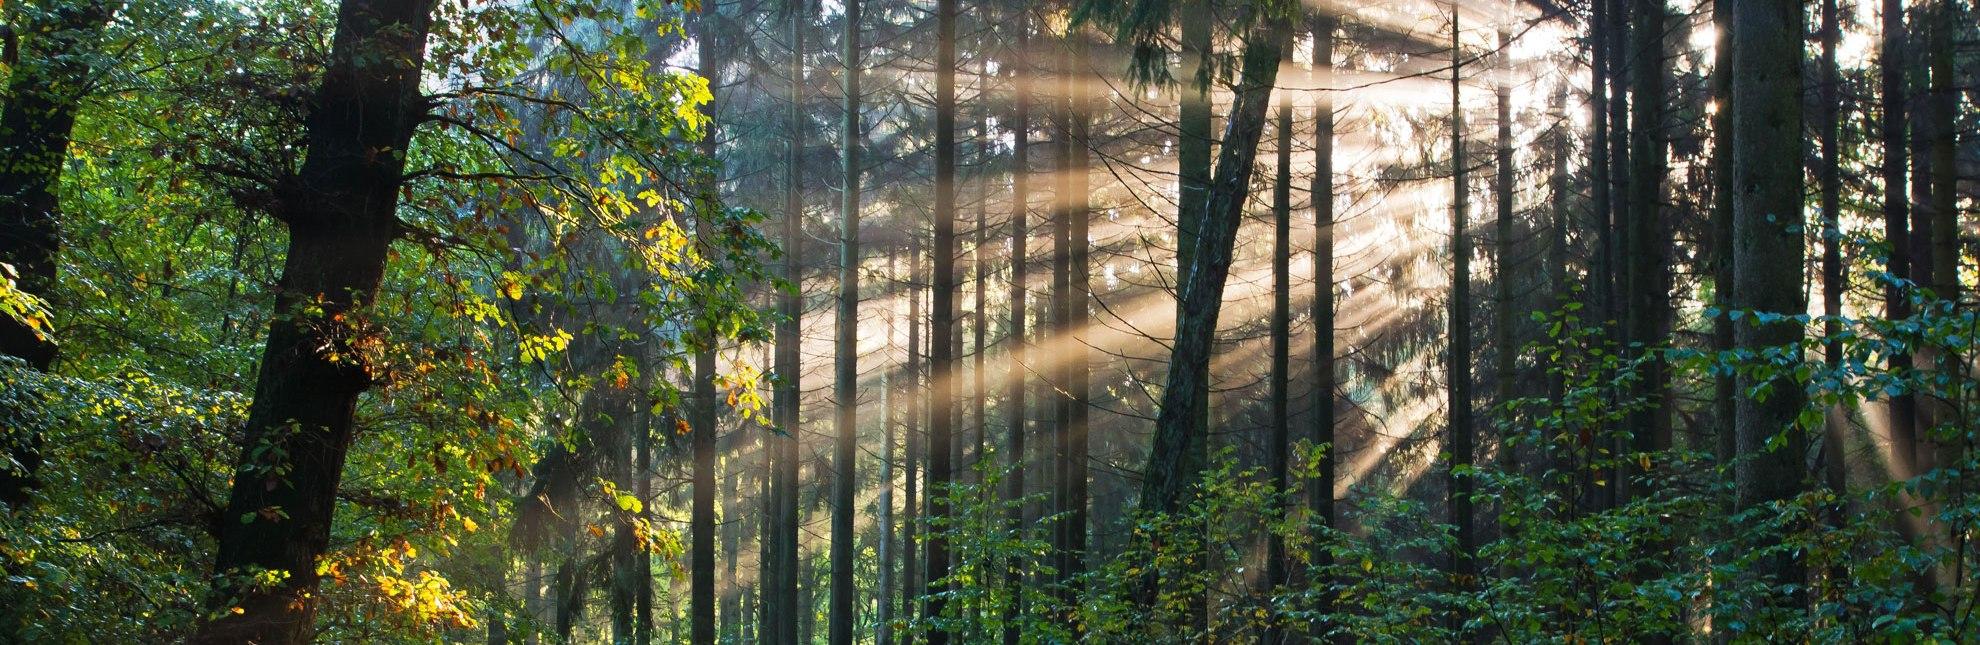 Morgenstimmung im Wald bei Sterley in der Nähe von Mölln., © Thomas Ebelt / HLMS GmbH